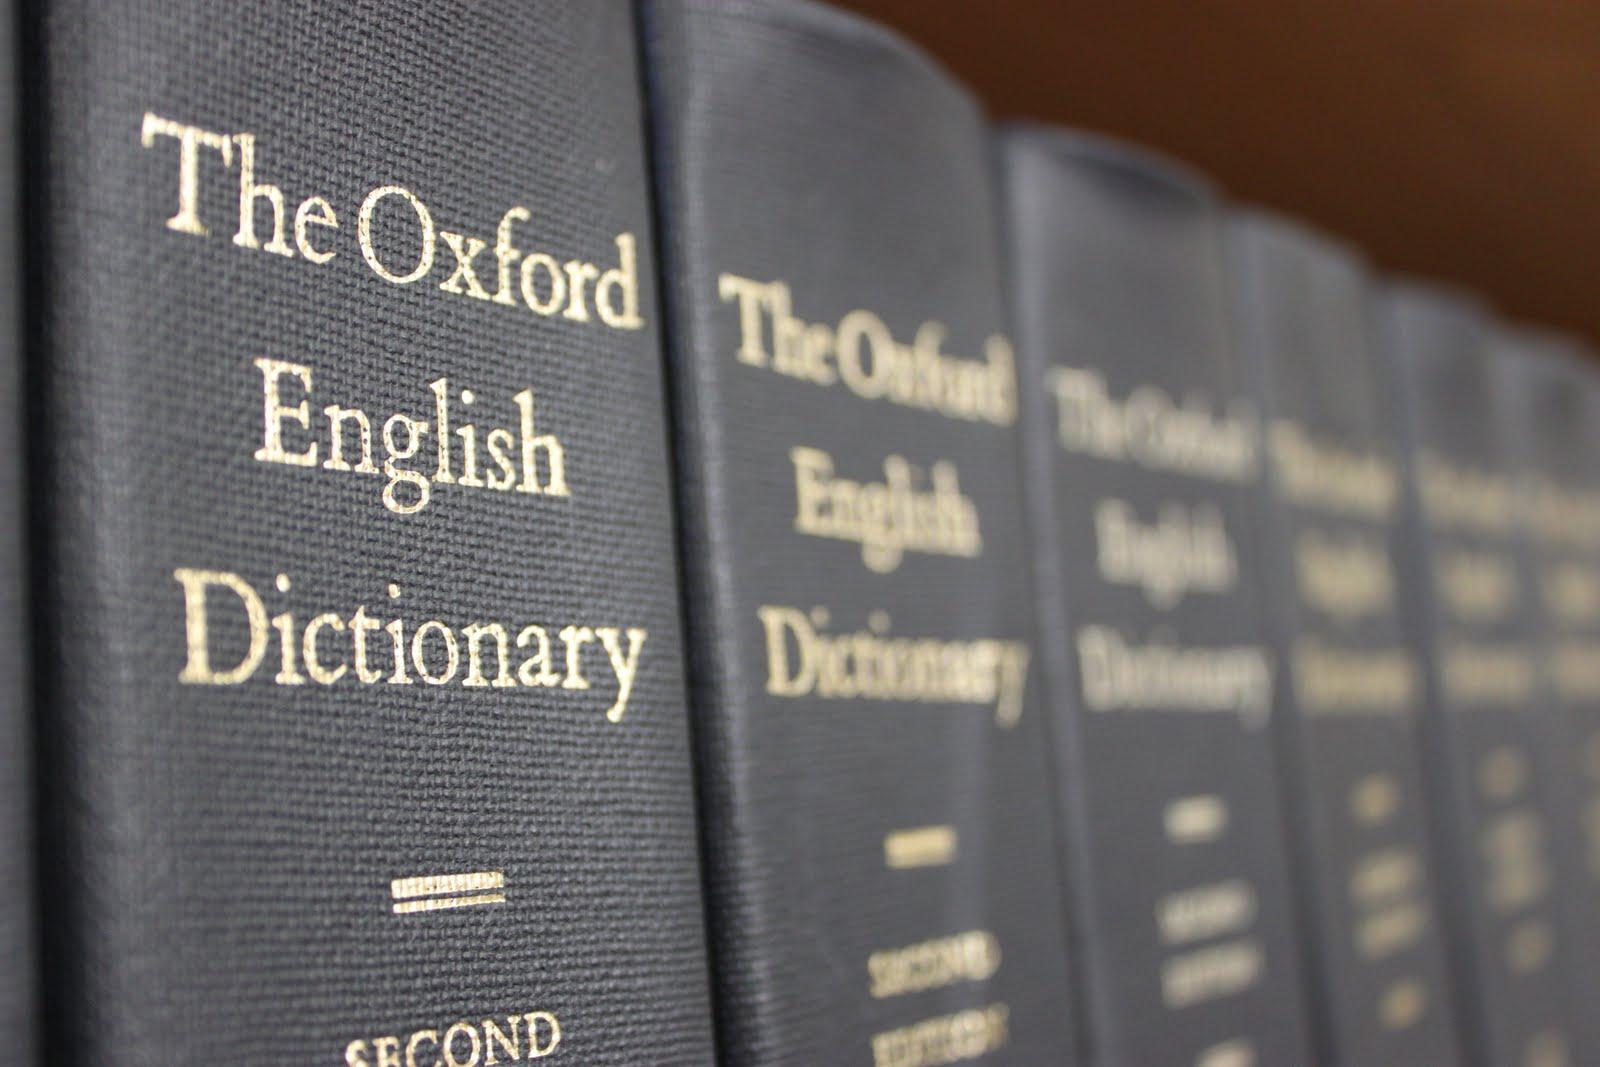 словарь для изучения английского языка